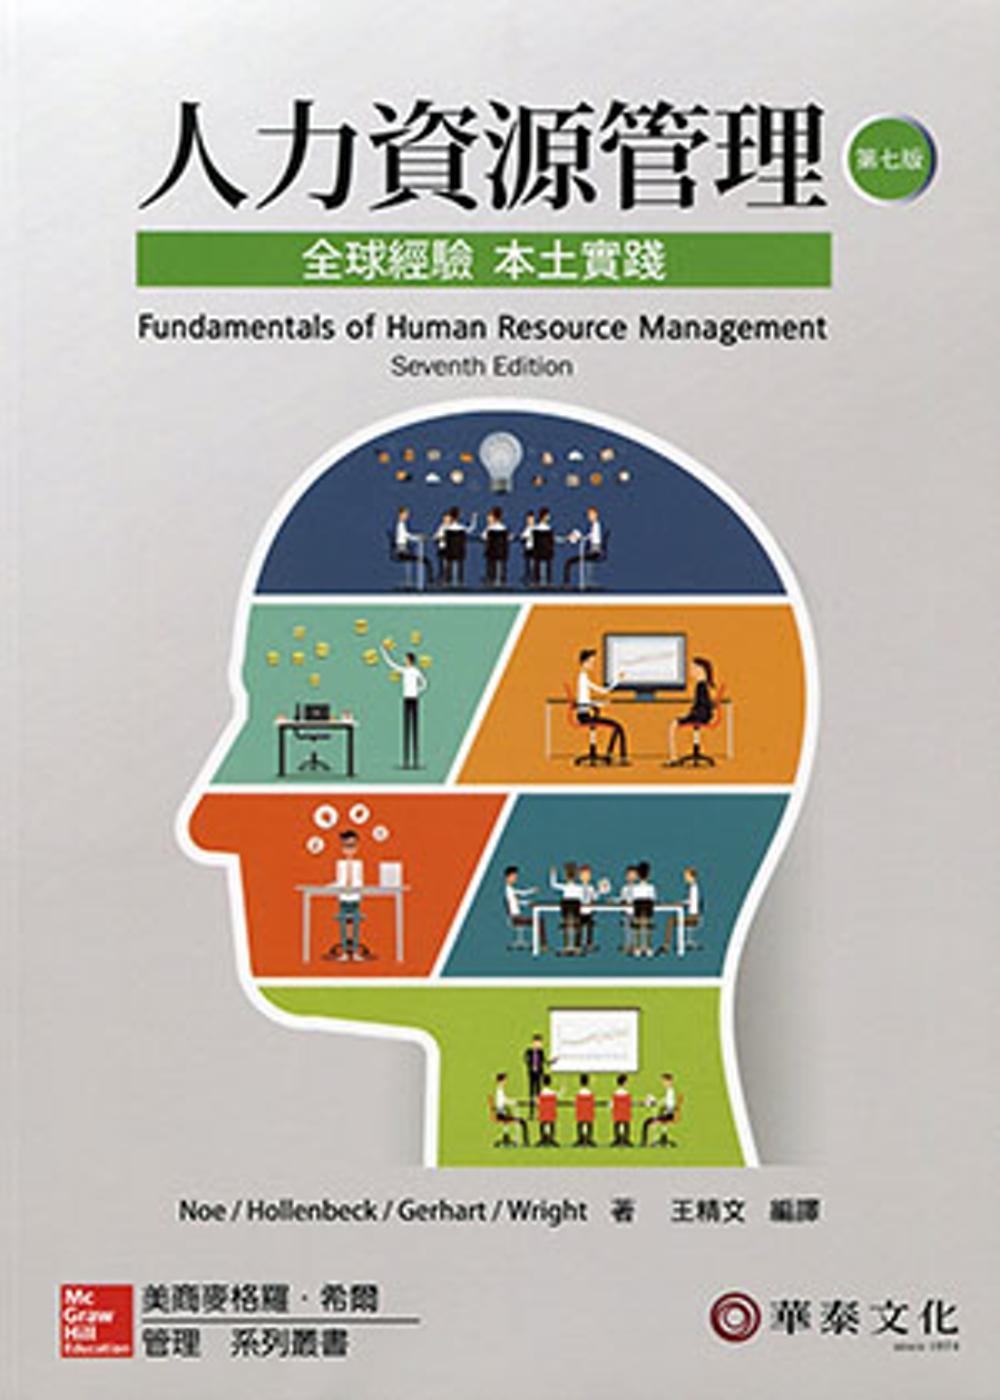 人力資源管理:全球經驗本土實踐(Noe/Fundamentals of Human Resource Management 7e)